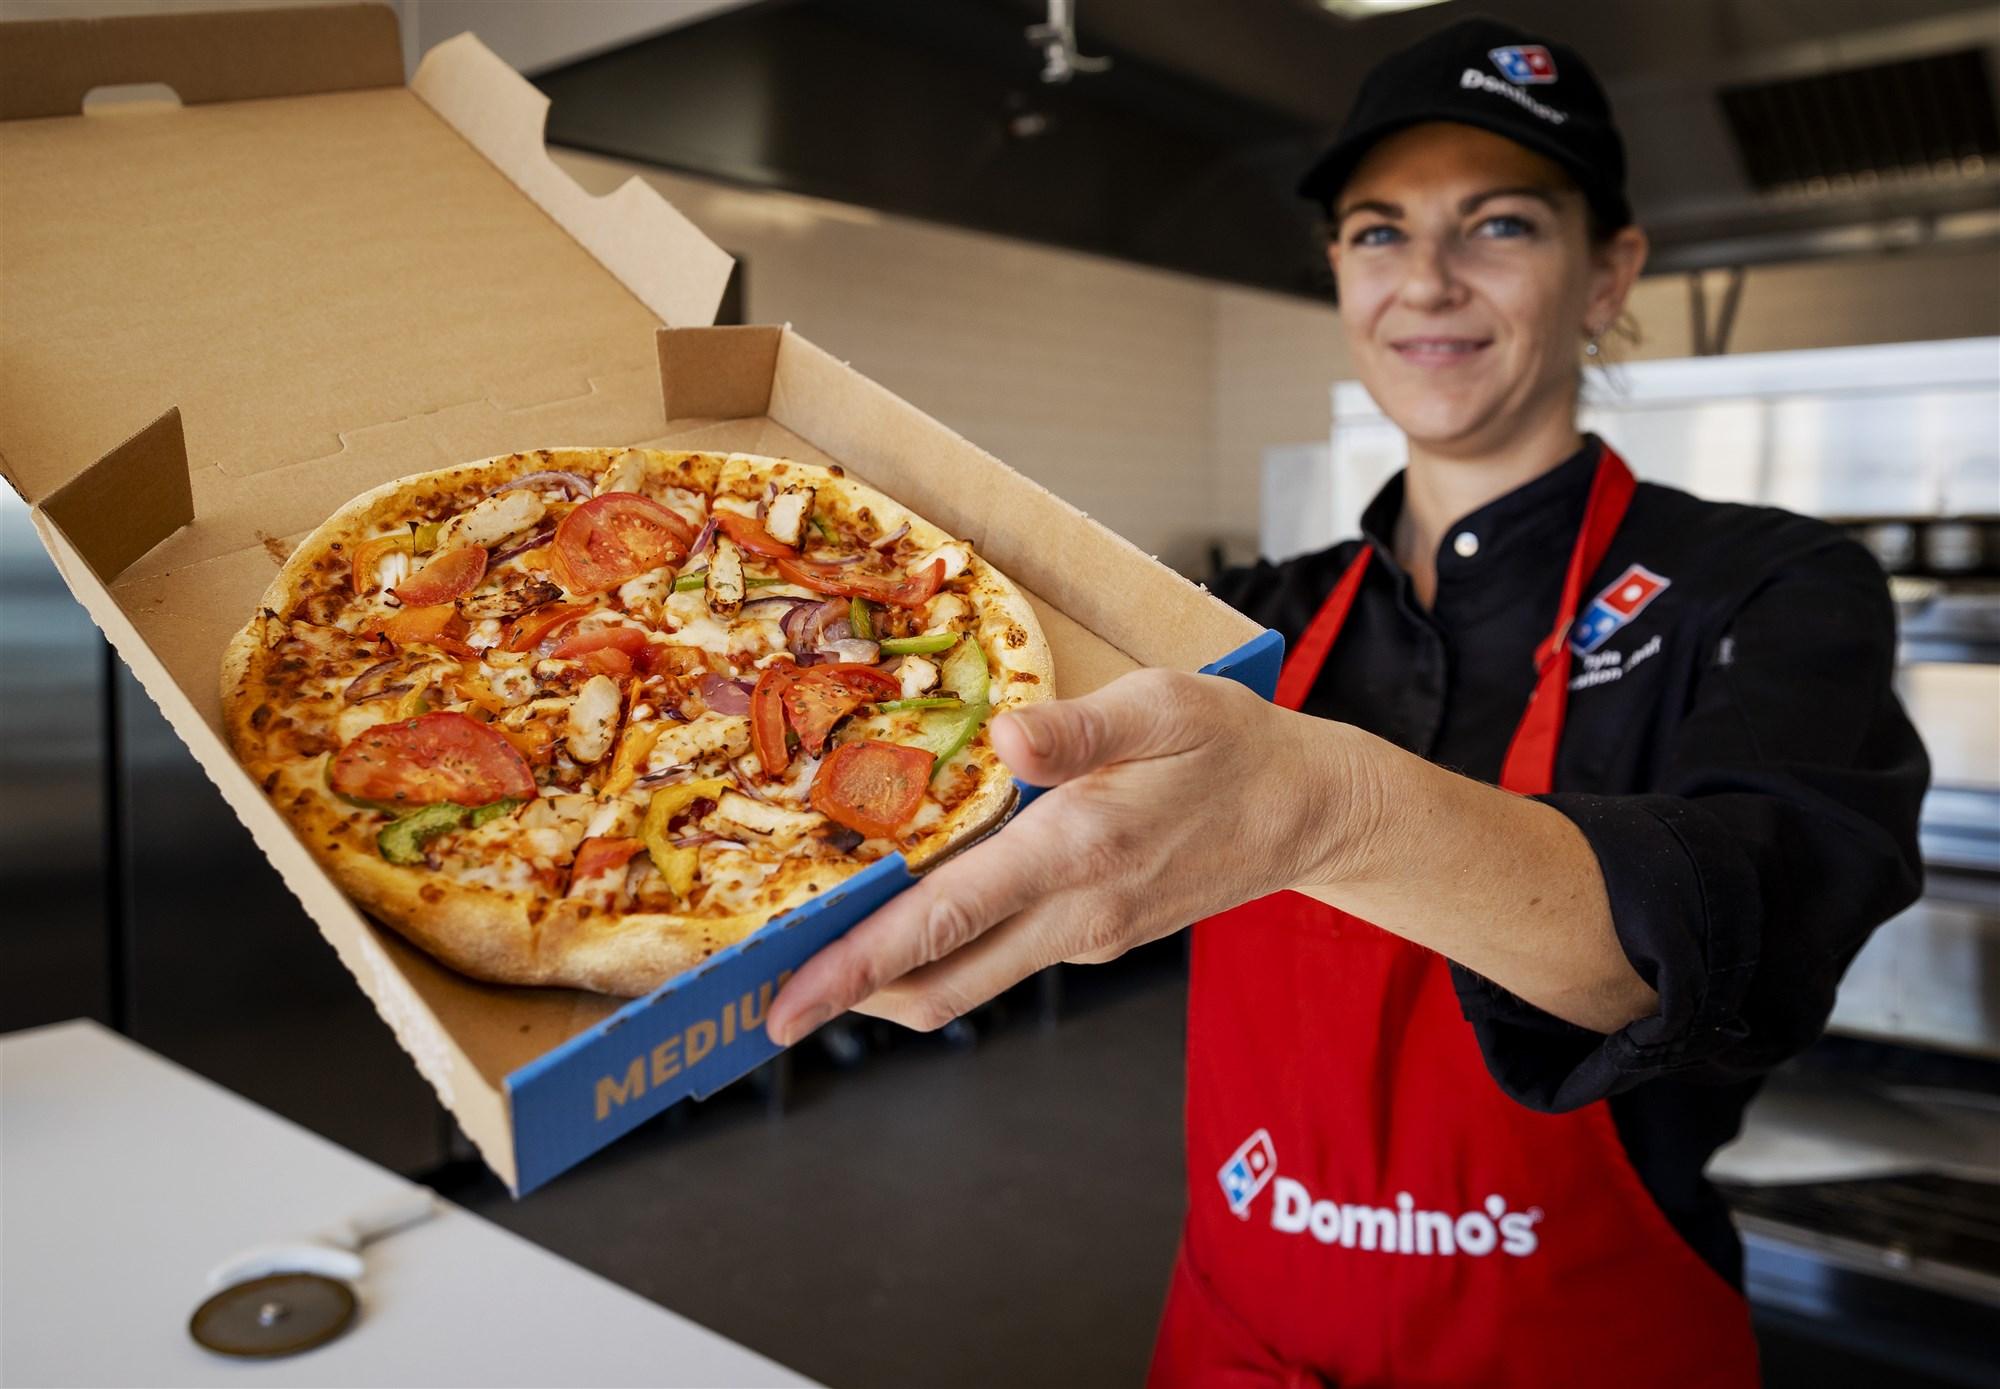 vierkant pizzadoos